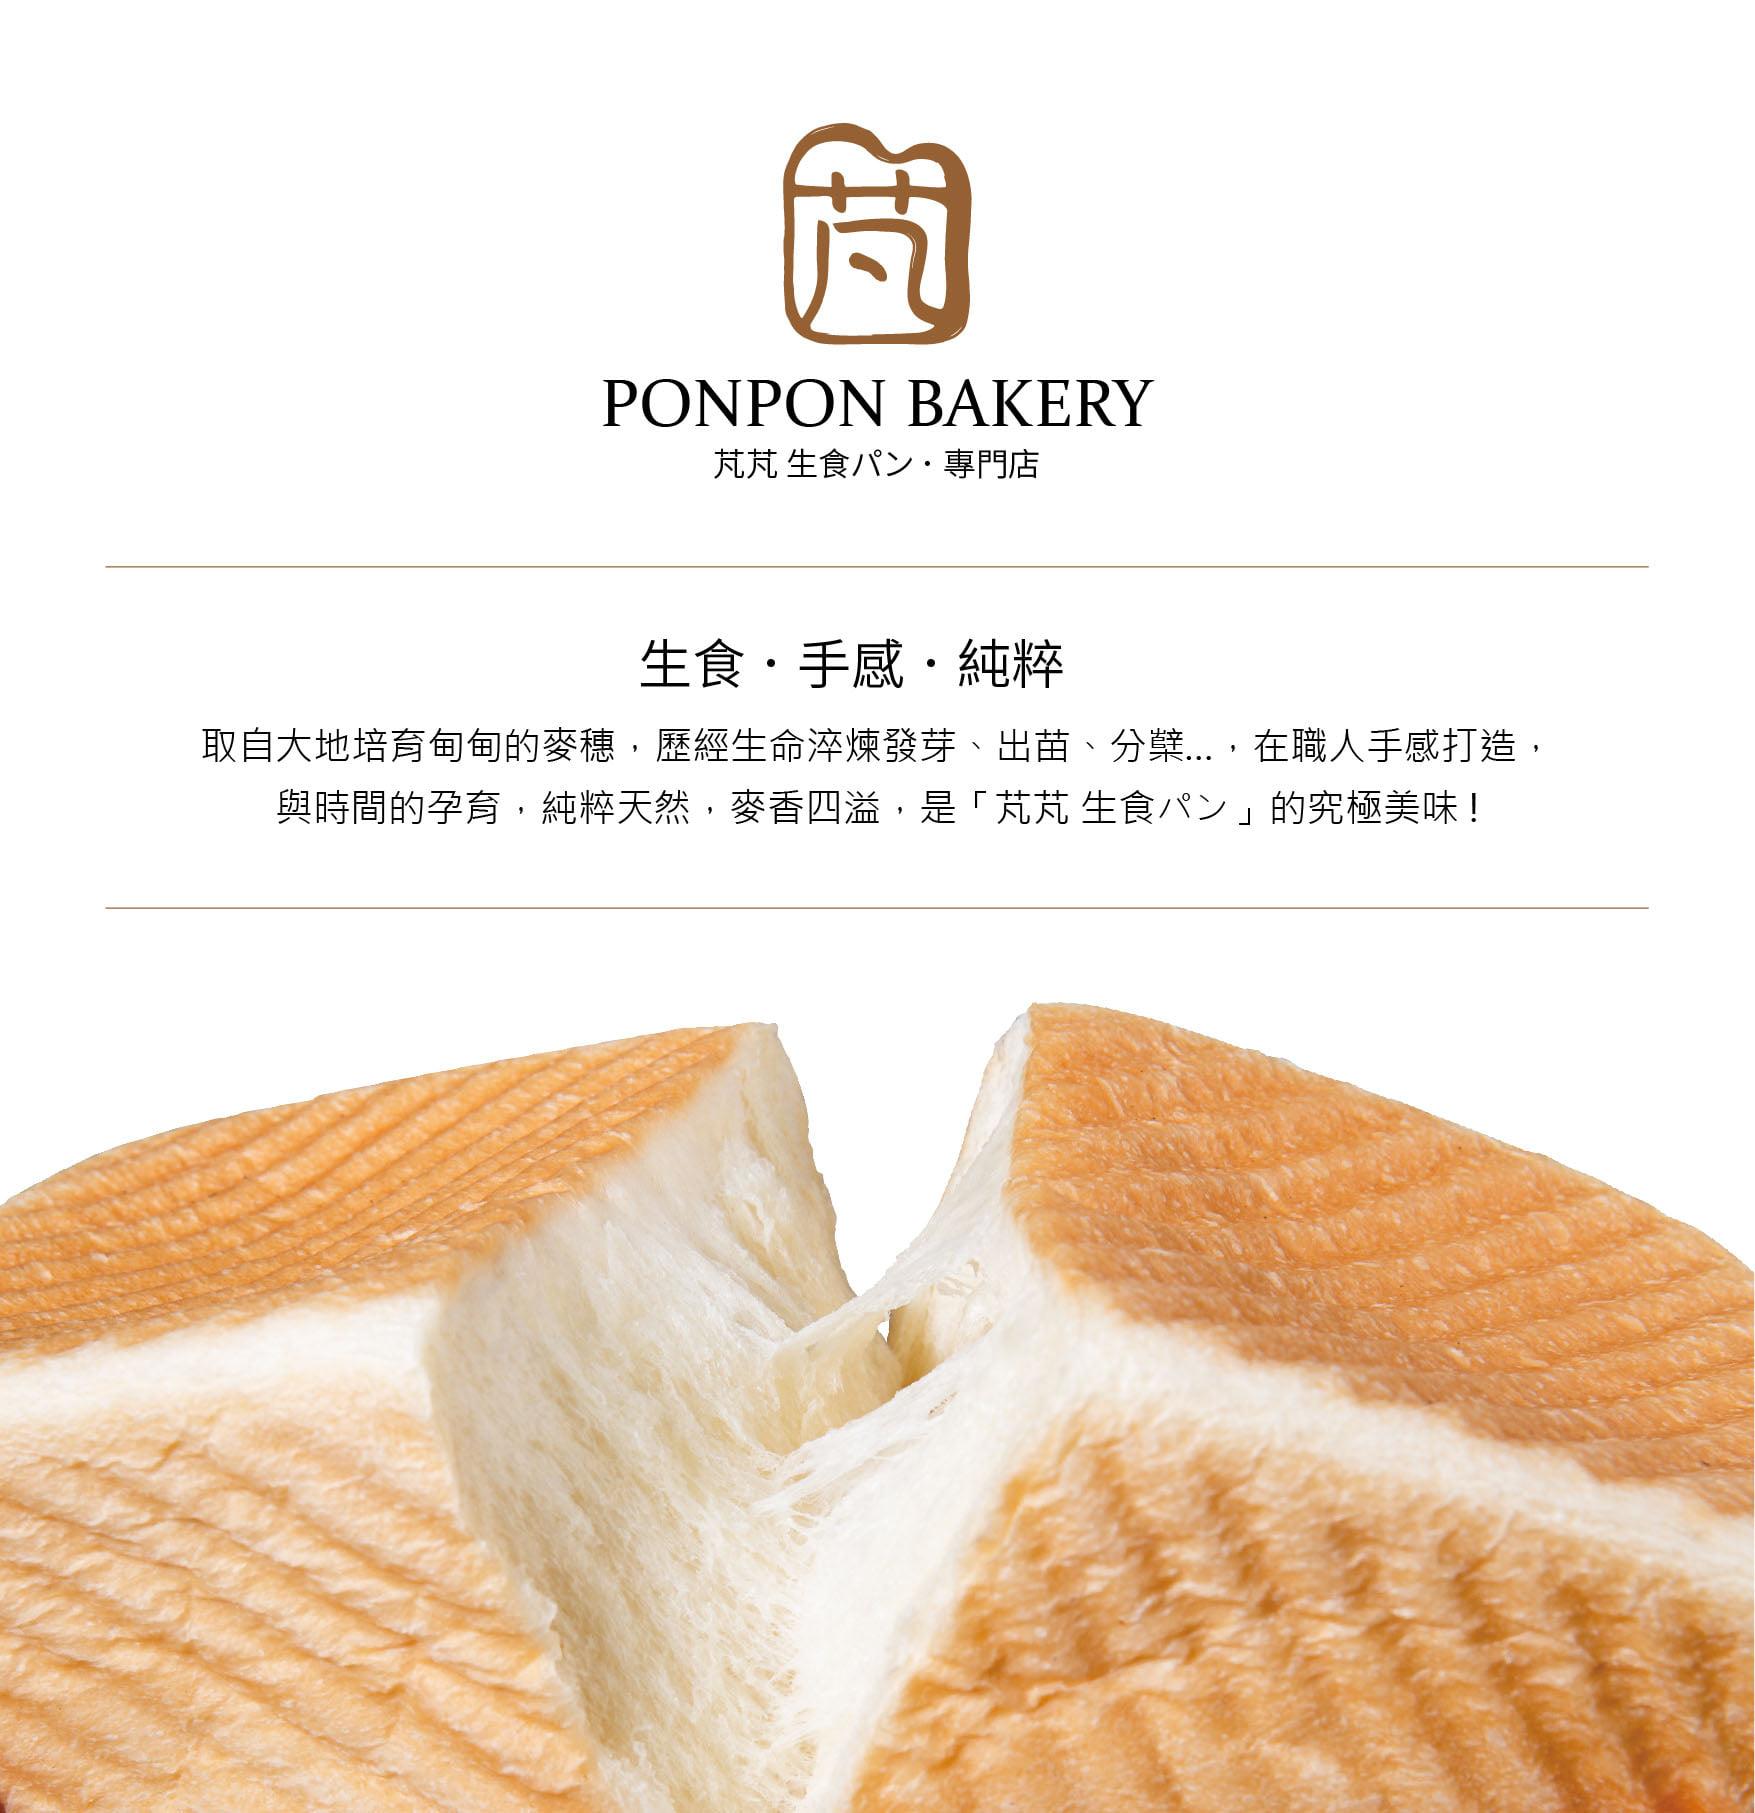 芃芃 生食パン.專門店菜單MENU